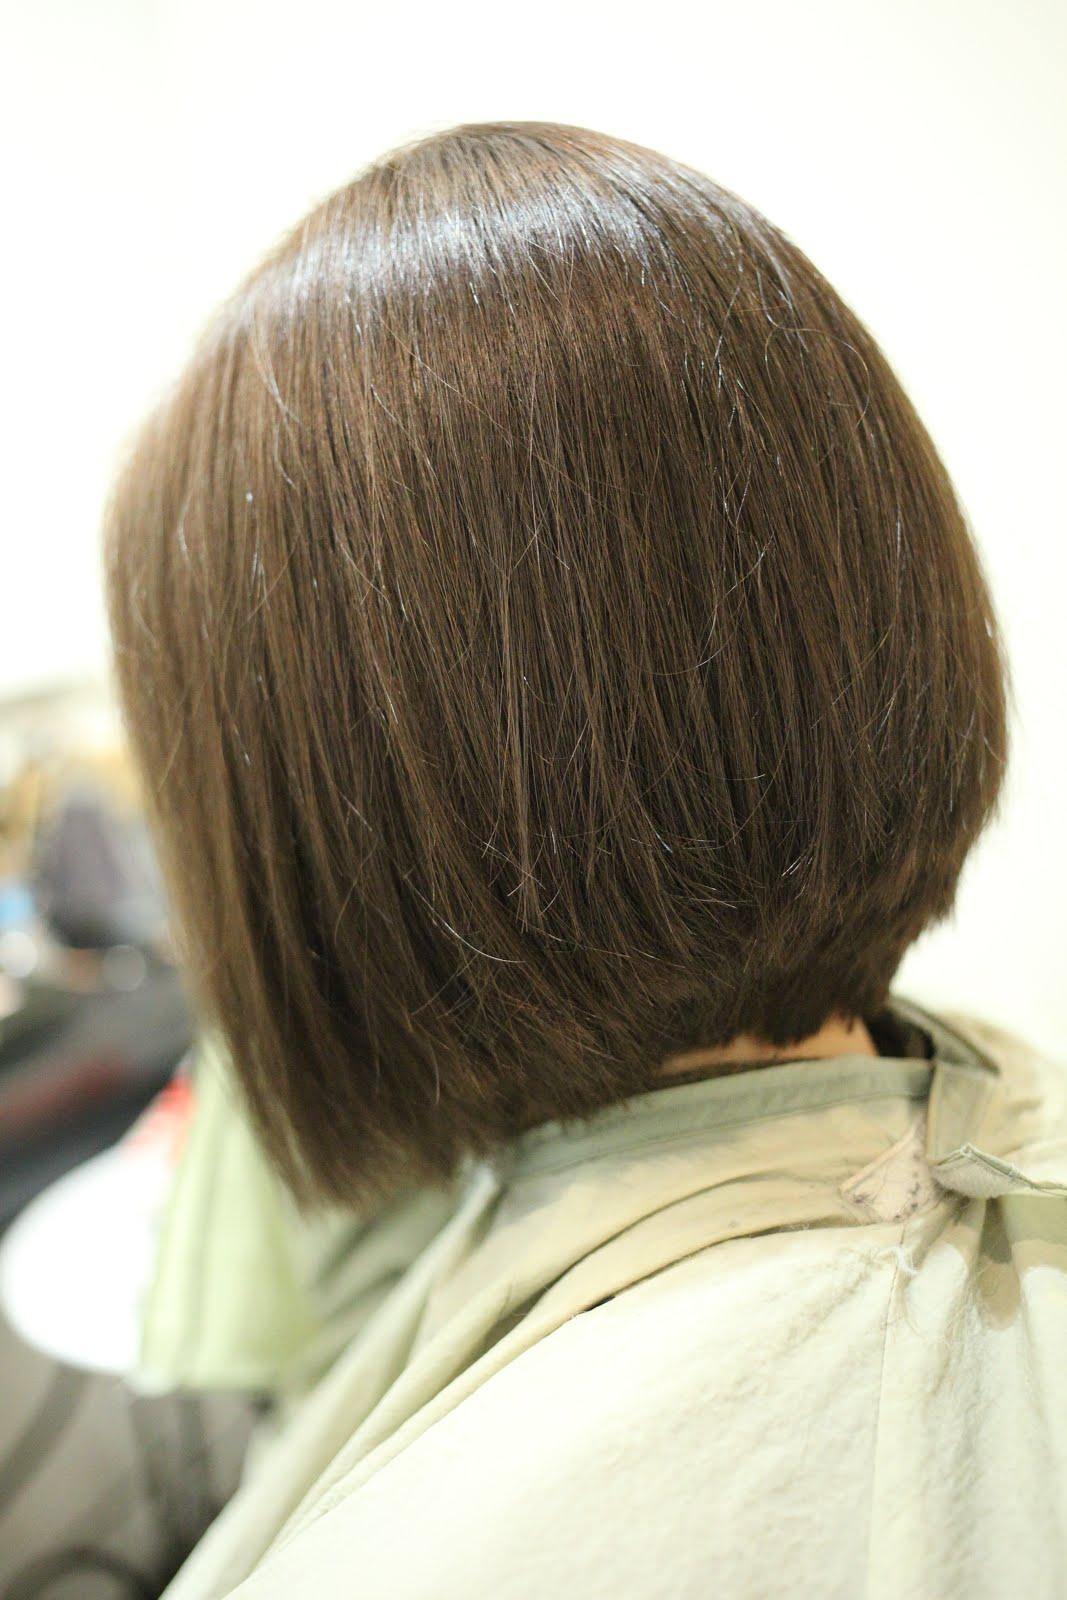 結果、僕が思うギリギリ結べる長さのヘアースタイルは、